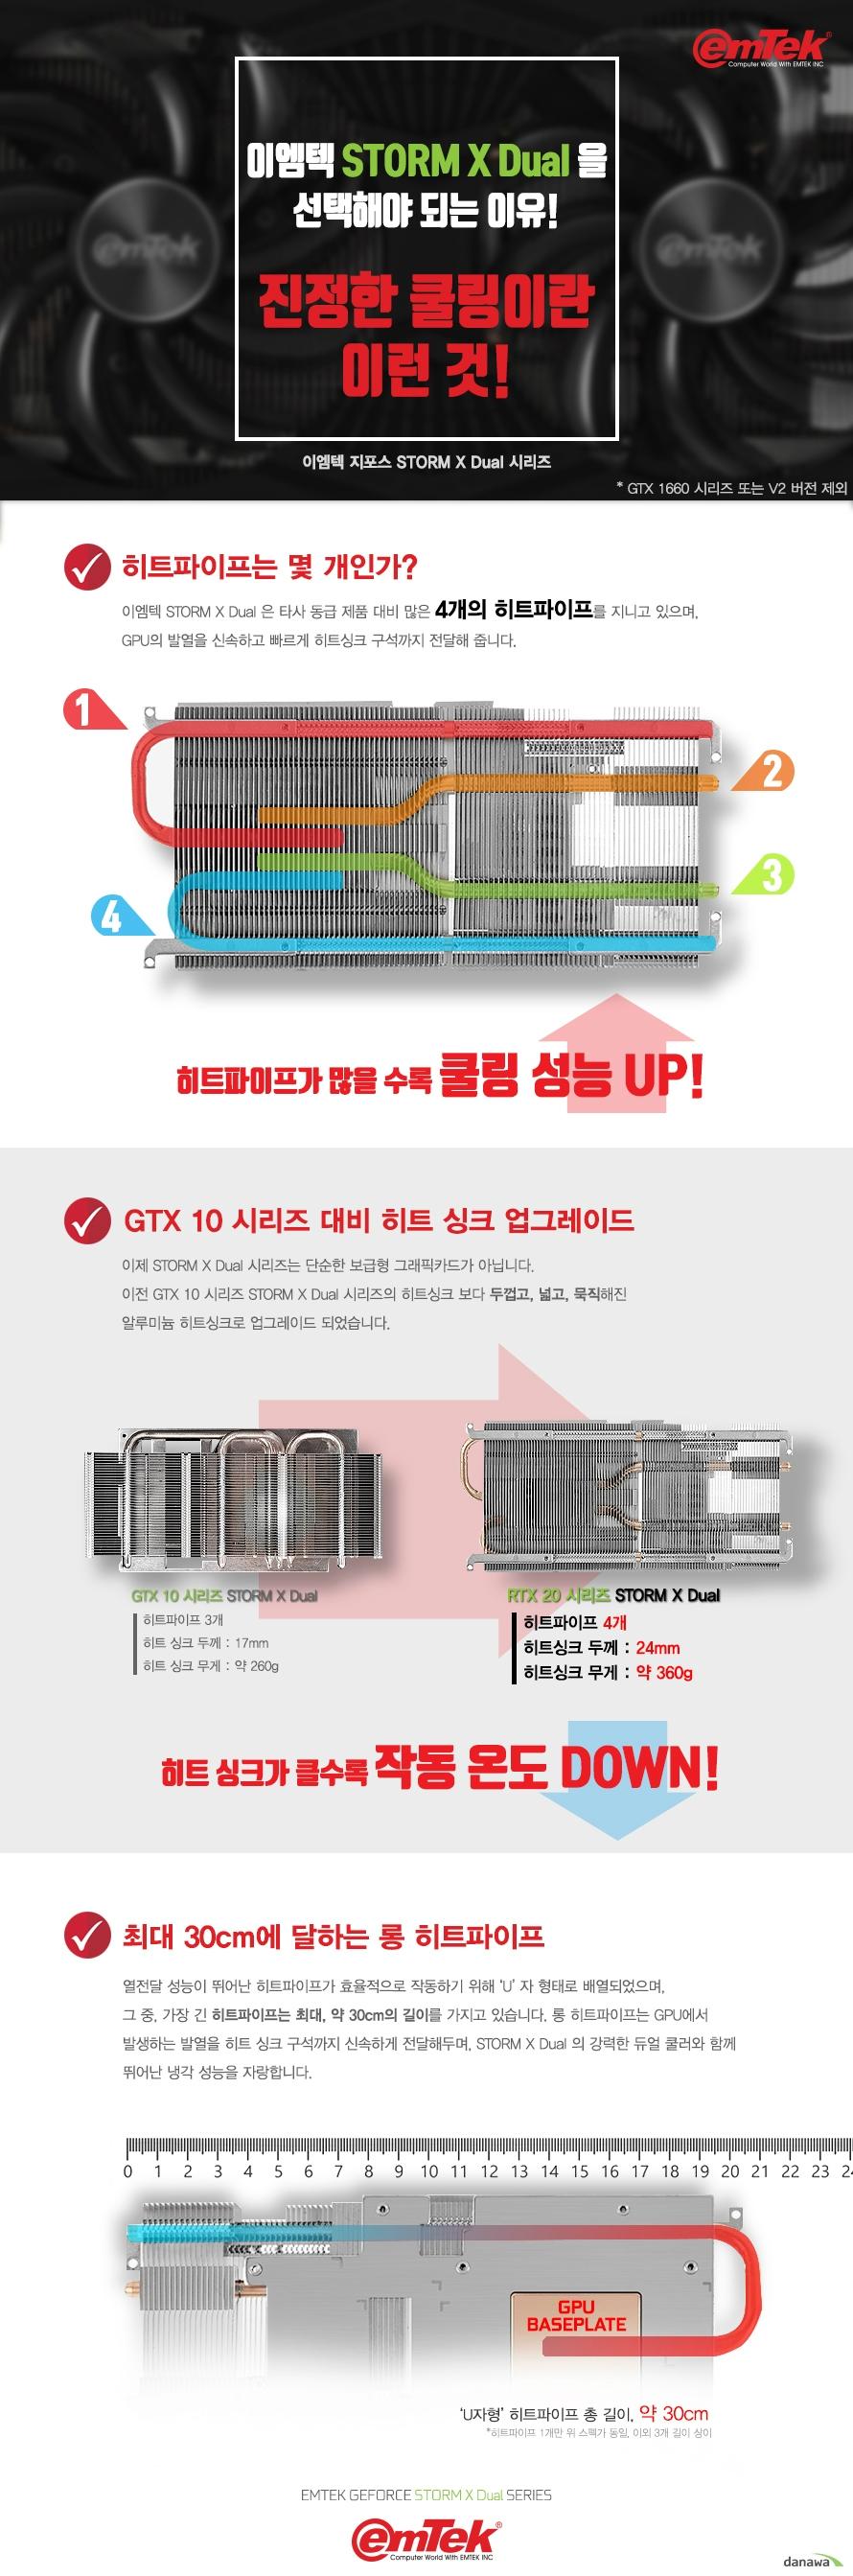 이엠텍 XENON 지포스 GTX1660 Ti STORM X DUAL OC D6 6GB 백플레이트  쿠다 코어 개수 1536개 베이스 클럭 1500 메가헤르츠 부스트 클럭 1860 메가헤르츠  메모리 버스 192비트 메모리 타입 GDDR6 6기가바이트 메모리 클럭 12000 메가 헤르츠  디스플레이 포트 듀얼링크 DVI D 포트 1개 HDMI 2.0B 포트 1개 DP 1.4 포트 1개  최대 해상도  7680X4320 지원 최대 3대 멀티 디스플레이 지원  소비 전력 130와트 권장 전력 450와트 이상 8핀 전원 커넥터 사용  제품 크기  길이 235밀리미터 넓이 112밀리미터 두께 2슬롯  지원 운영체제 윈도우 10 7 및 64비트 및 리눅스 64비트 지원 KC 인증번호 R R EMT PT N166TI  쿨링 시스템  90밀리미터 듀얼 쿨링 팬 알루미늄 히트싱크 6밀리미터 구리 히트 파이프 4개